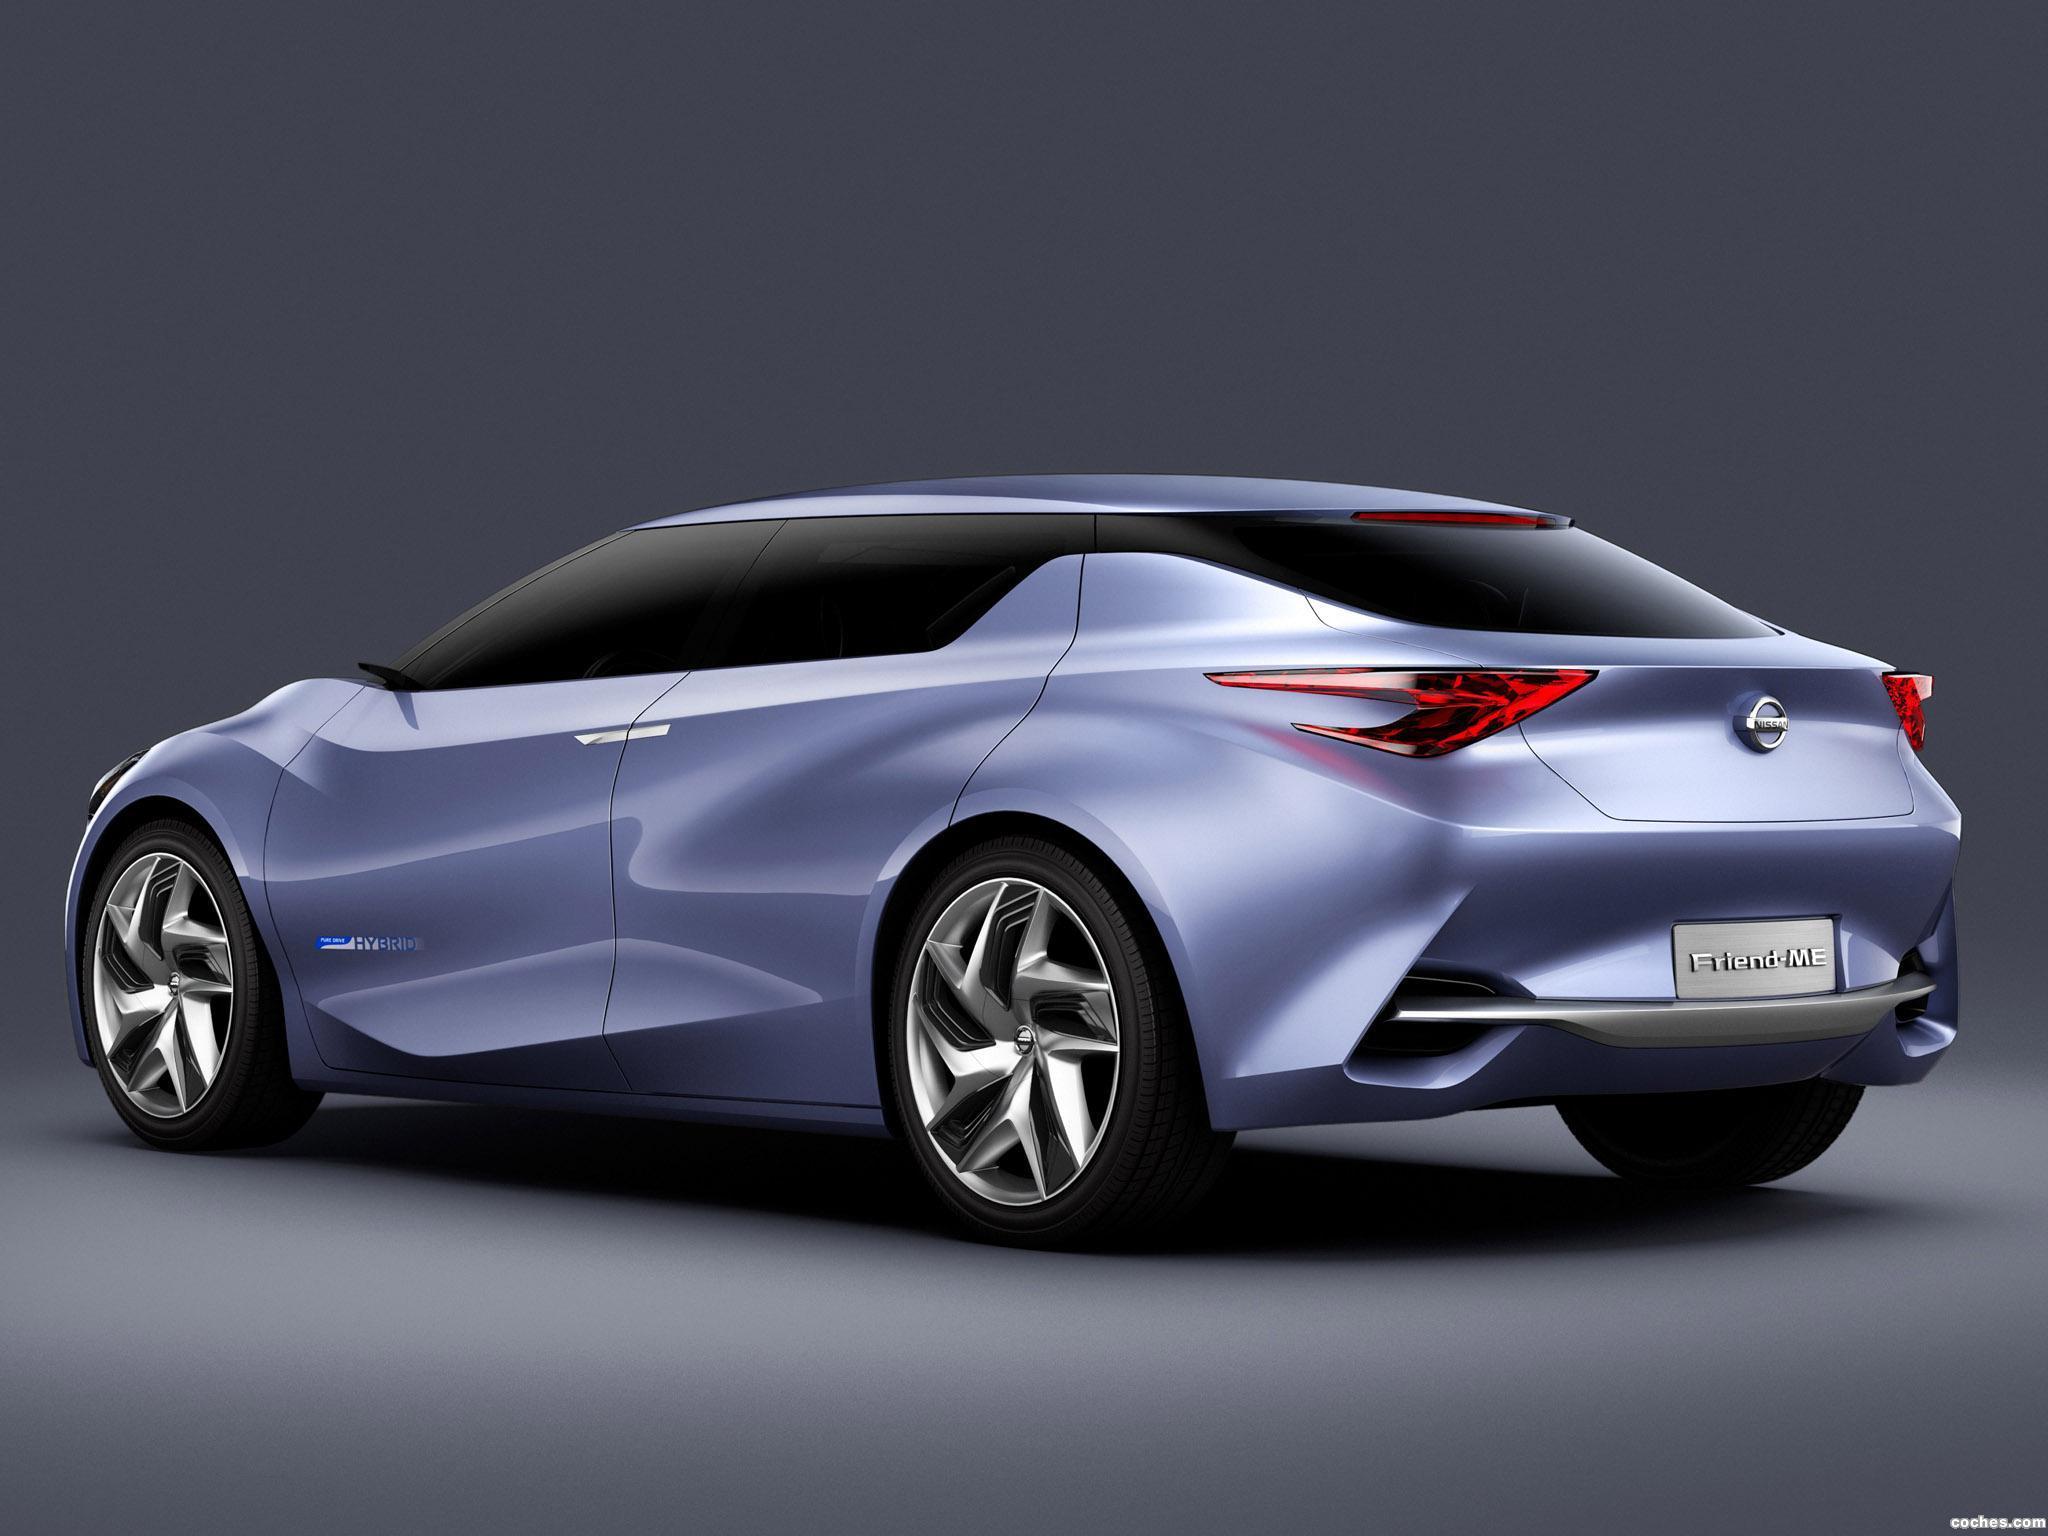 Foto 7 de Nissan Friend-ME Concept 2013